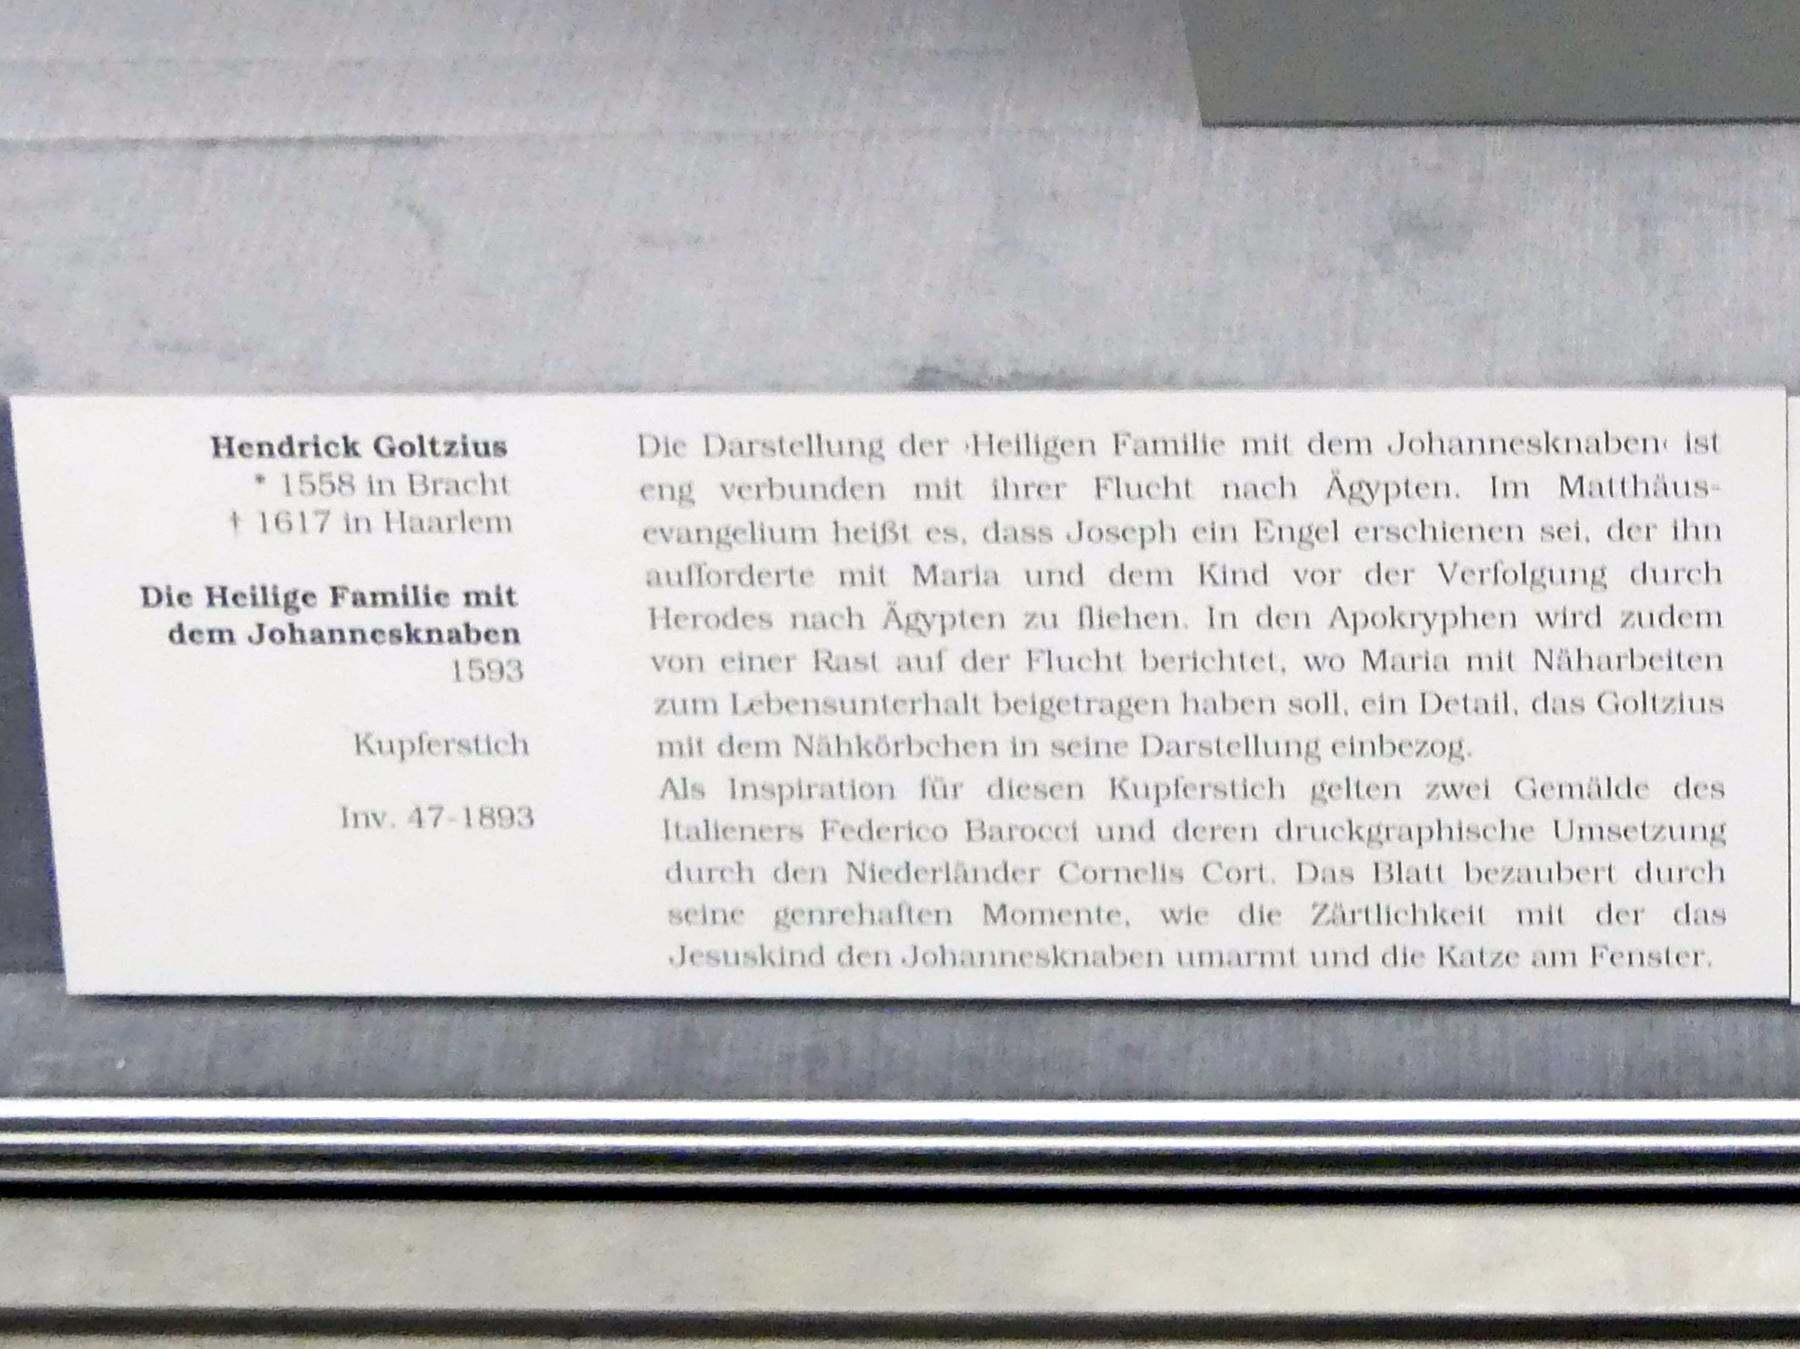 Hendrick Goltzius: Die Heilige Familie mit dem Johannesknaben, 1593, Bild 3/4